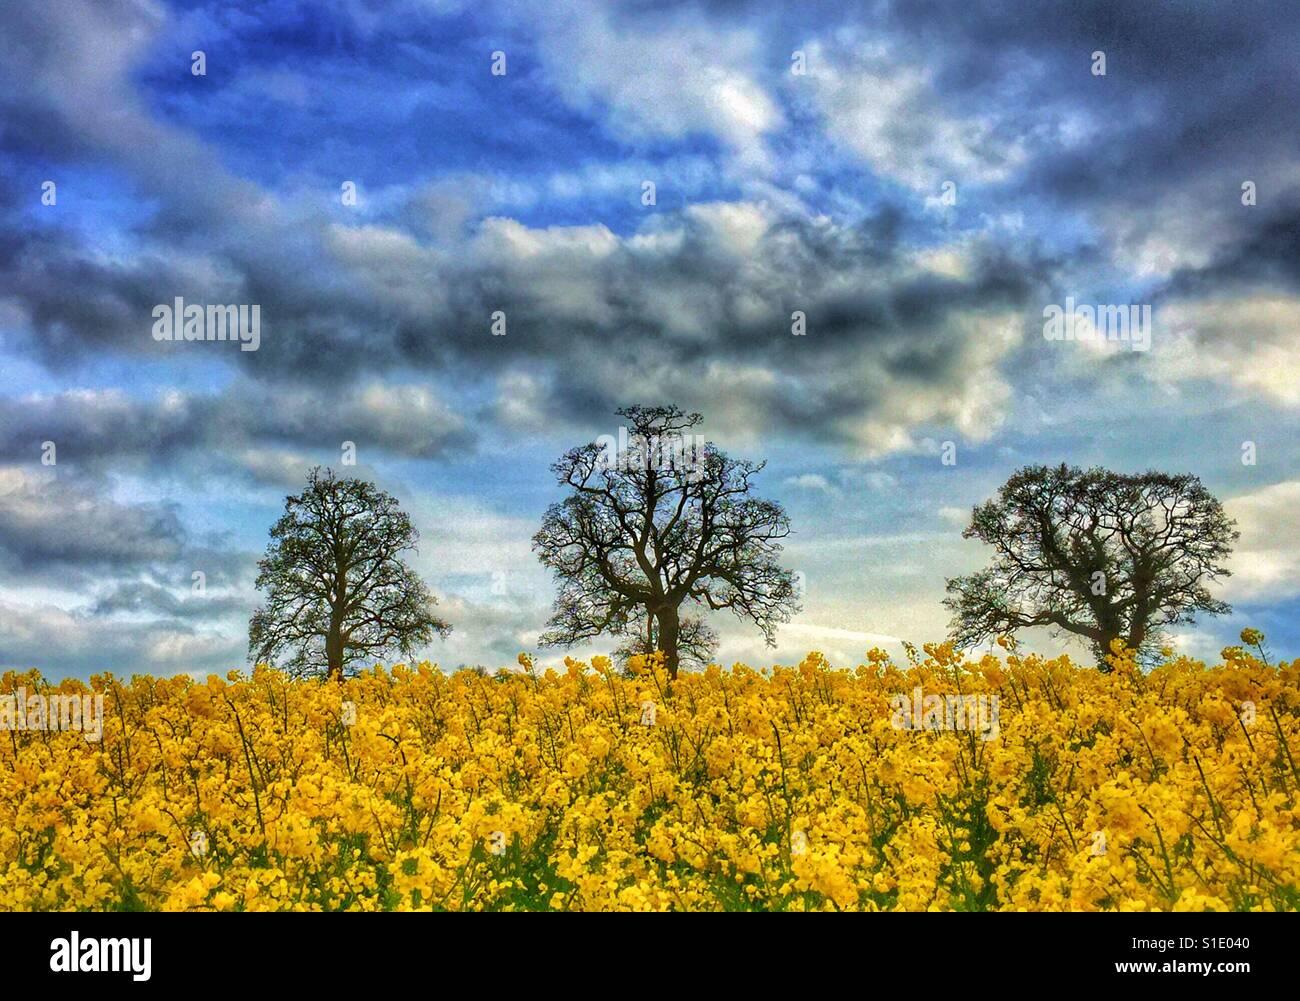 Trois arbres dans un champ de fleurs jaune d'oléagineux. Le ciel dramatique signifie la pluie n'est Photo Stock